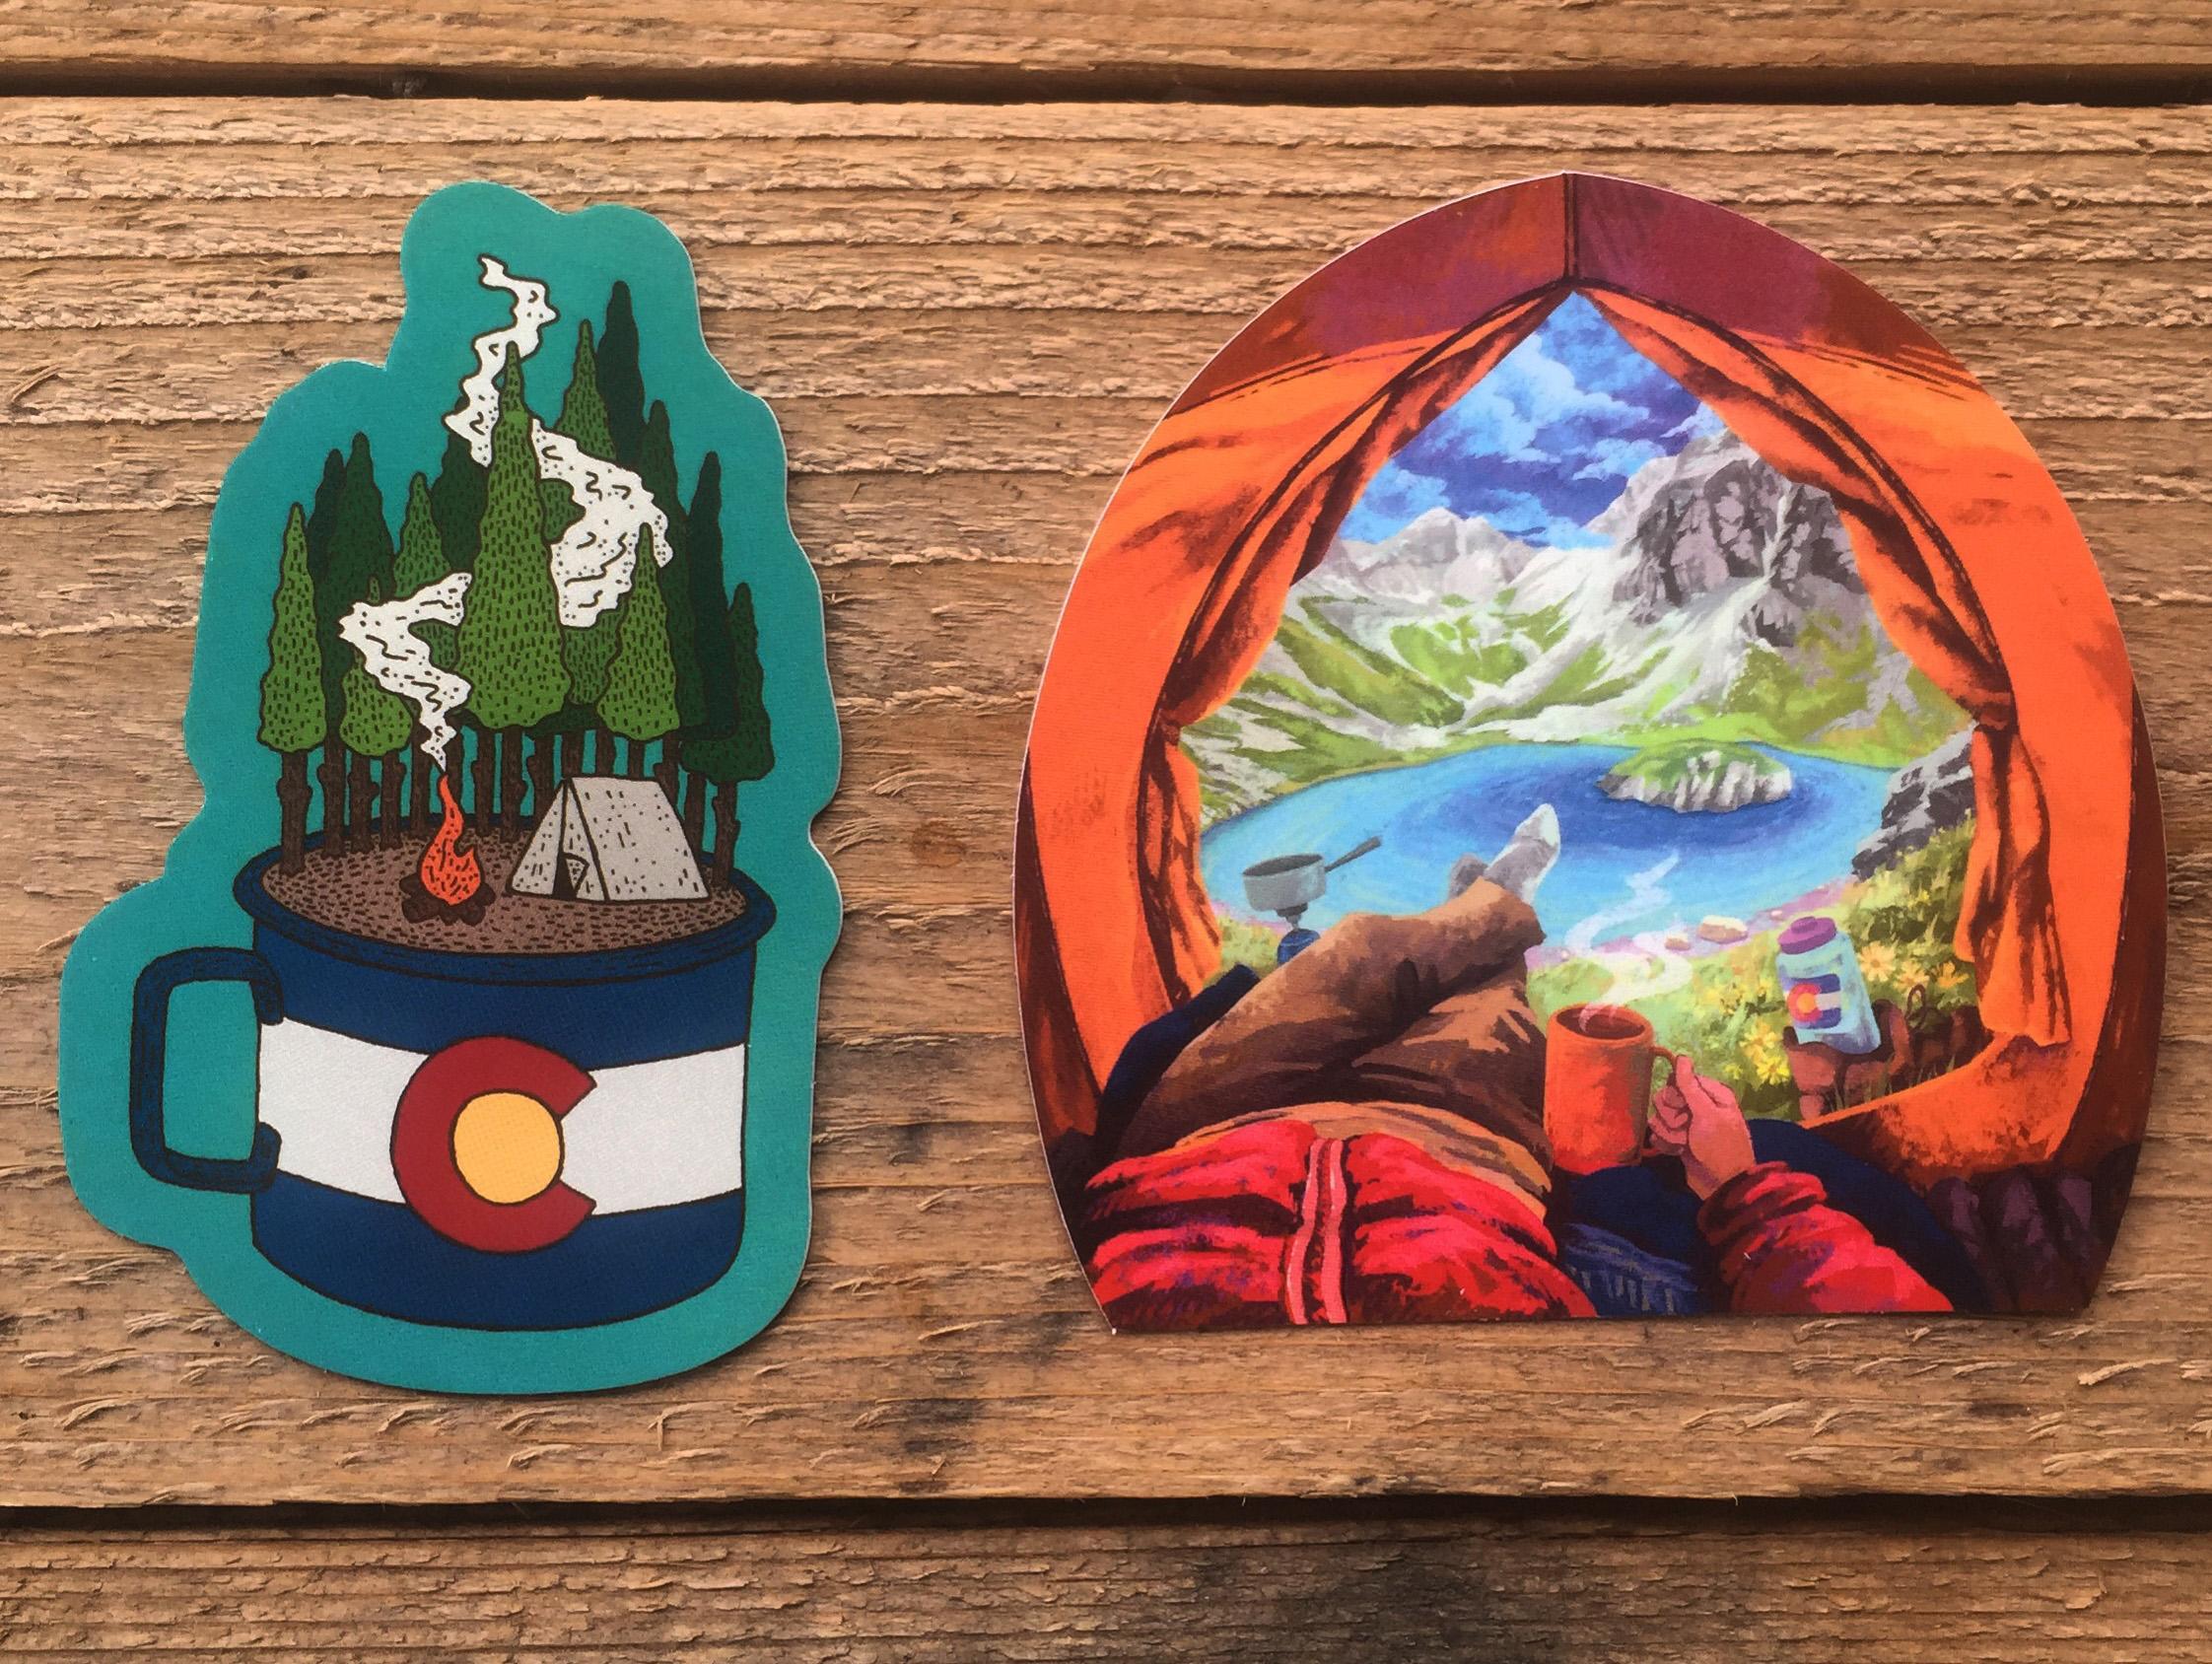 Colorado C& Cup and Tent View & Explore Colorado In Stickers